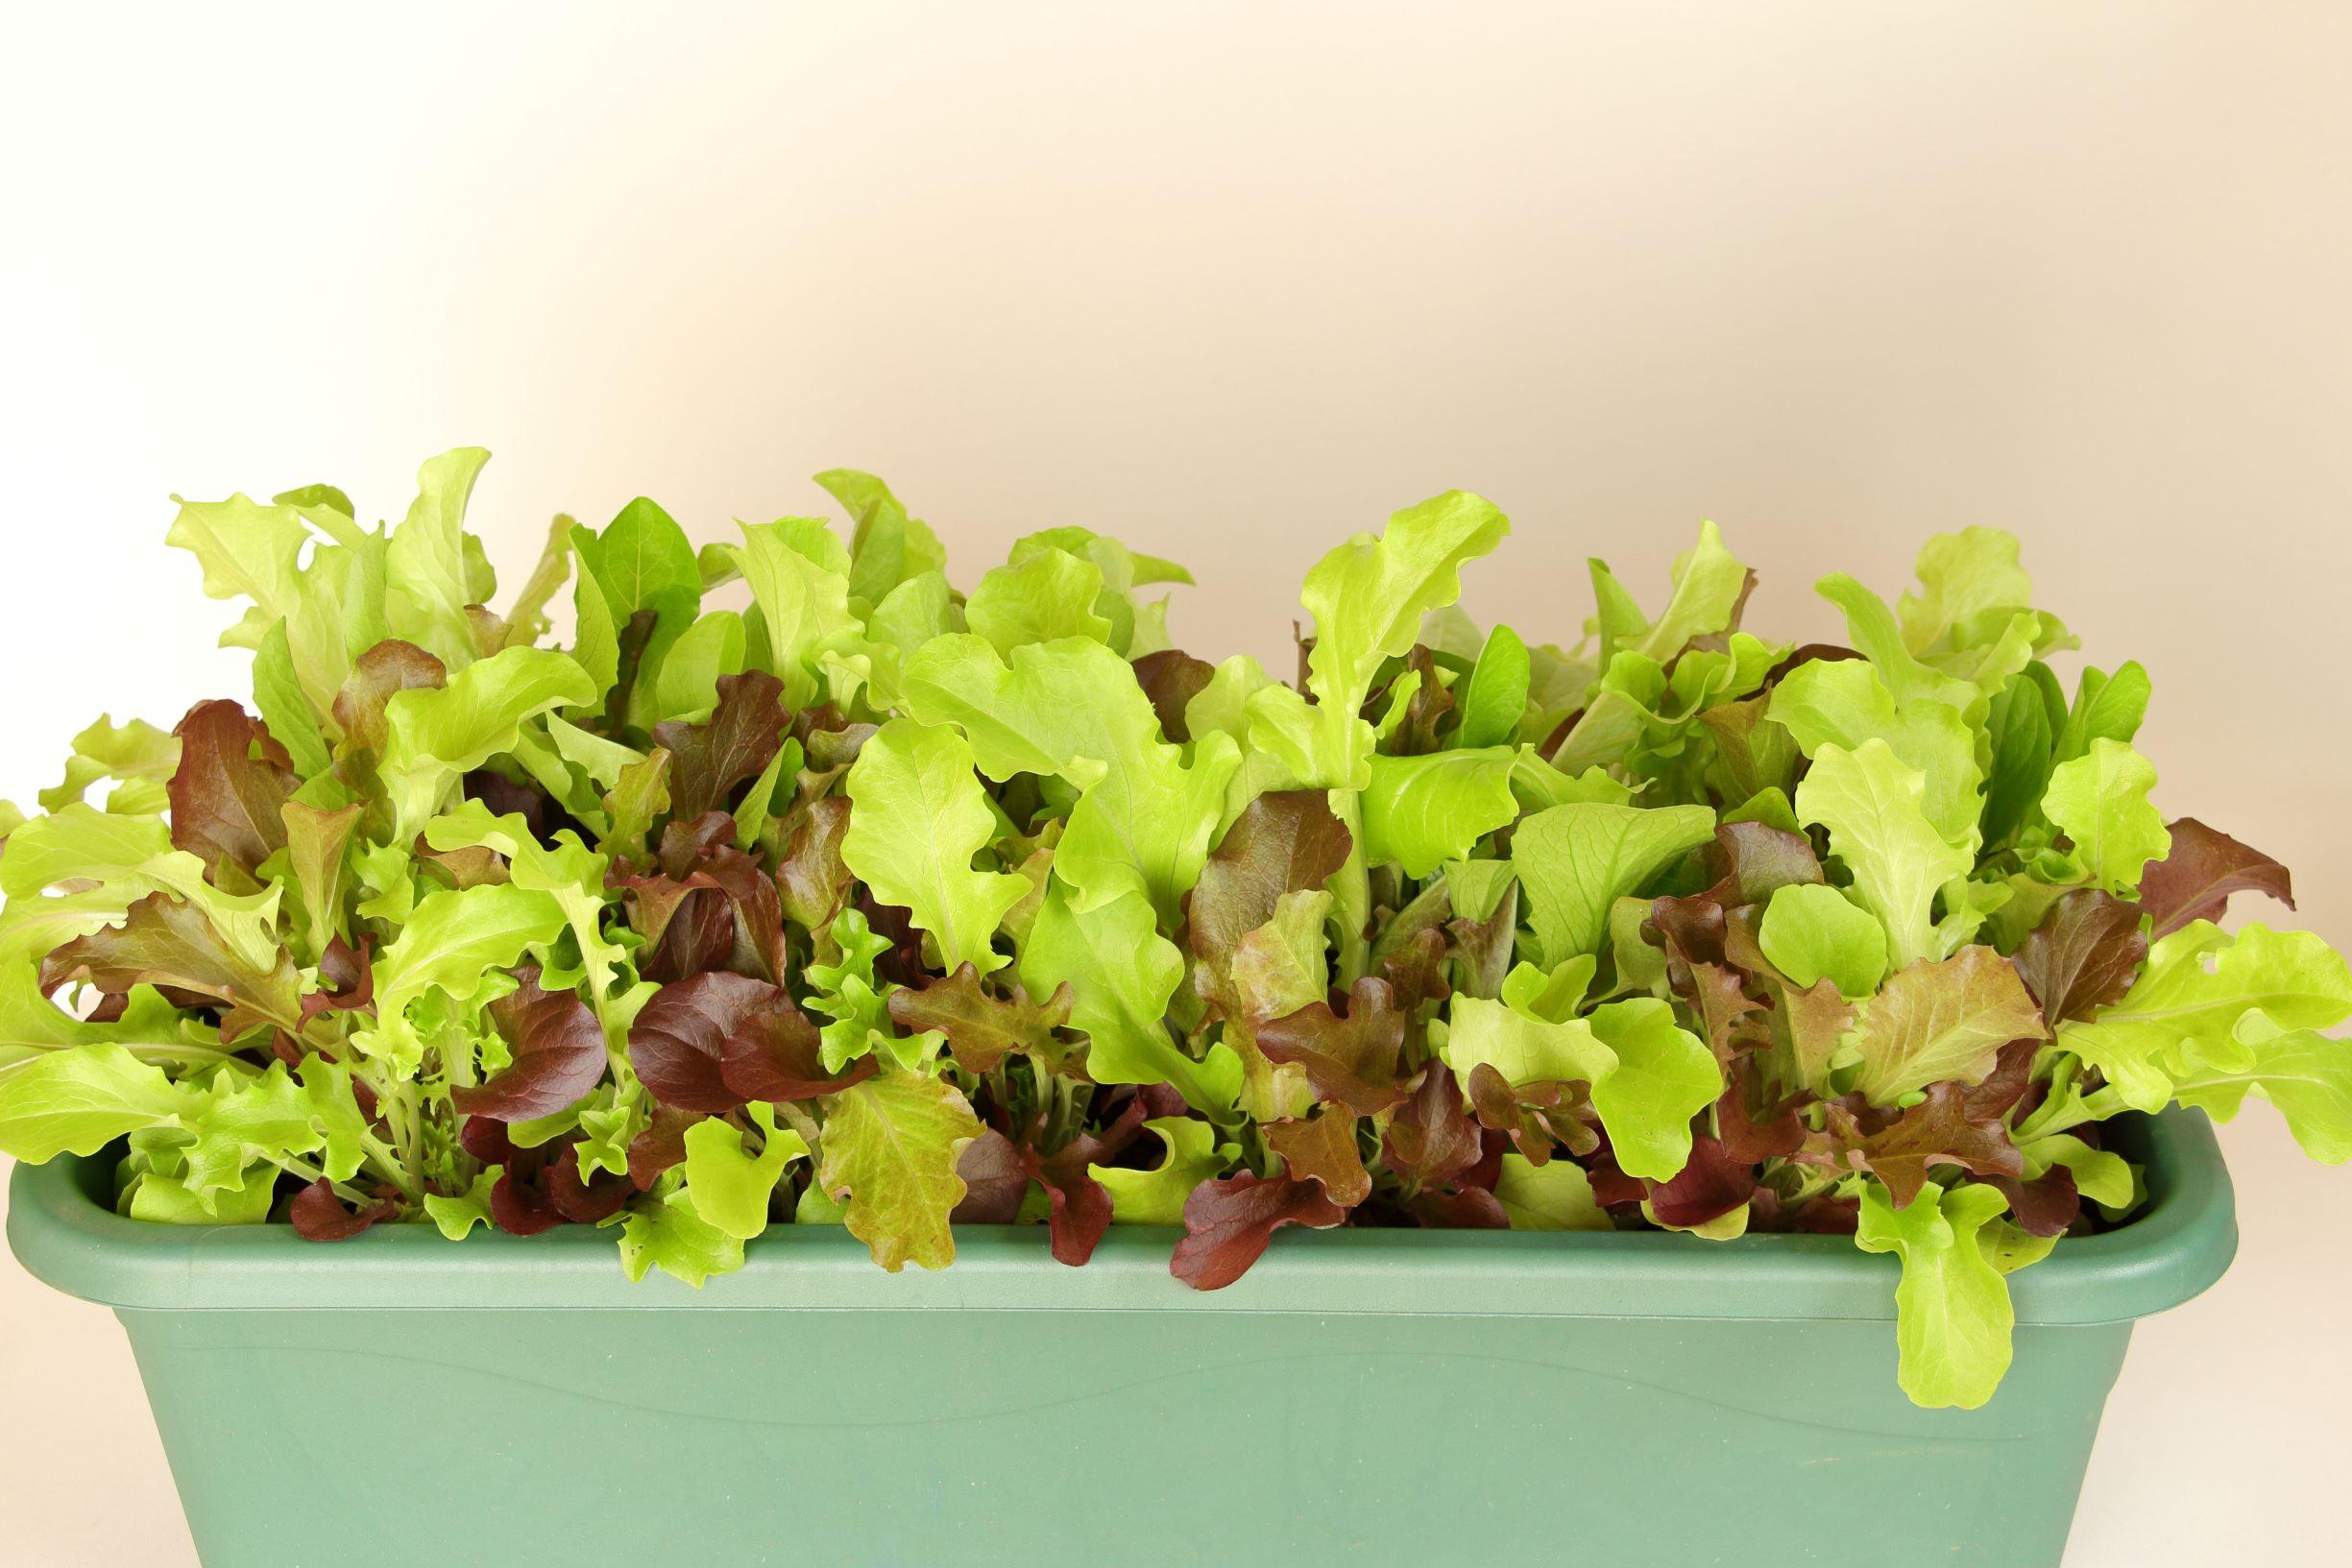 はじめての家庭菜園web講座